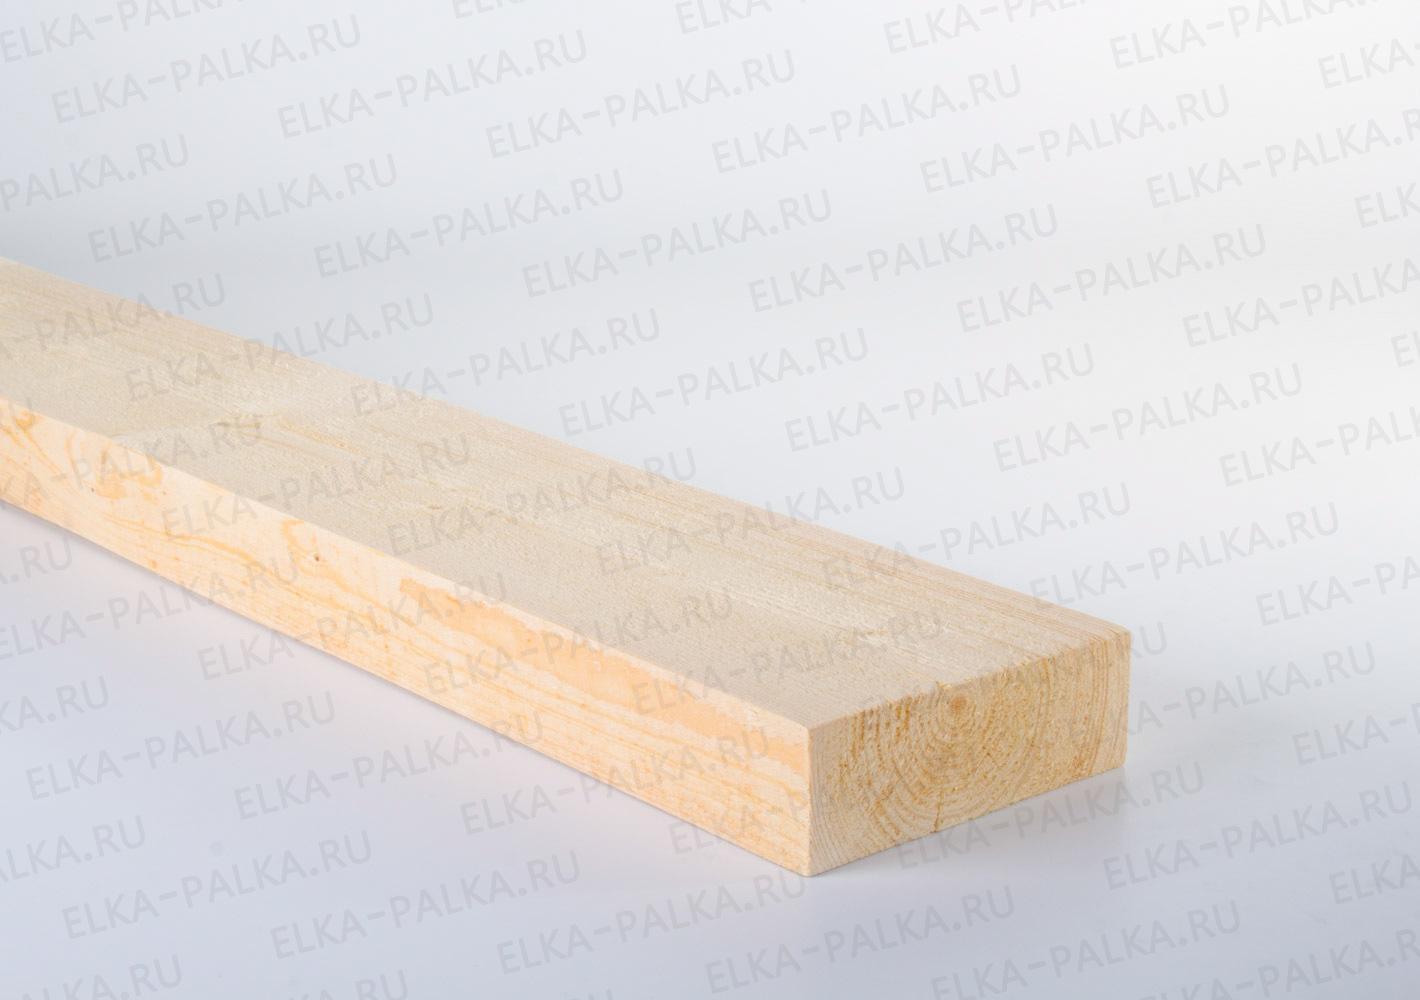 Обрезная доска лиственницы 50х200